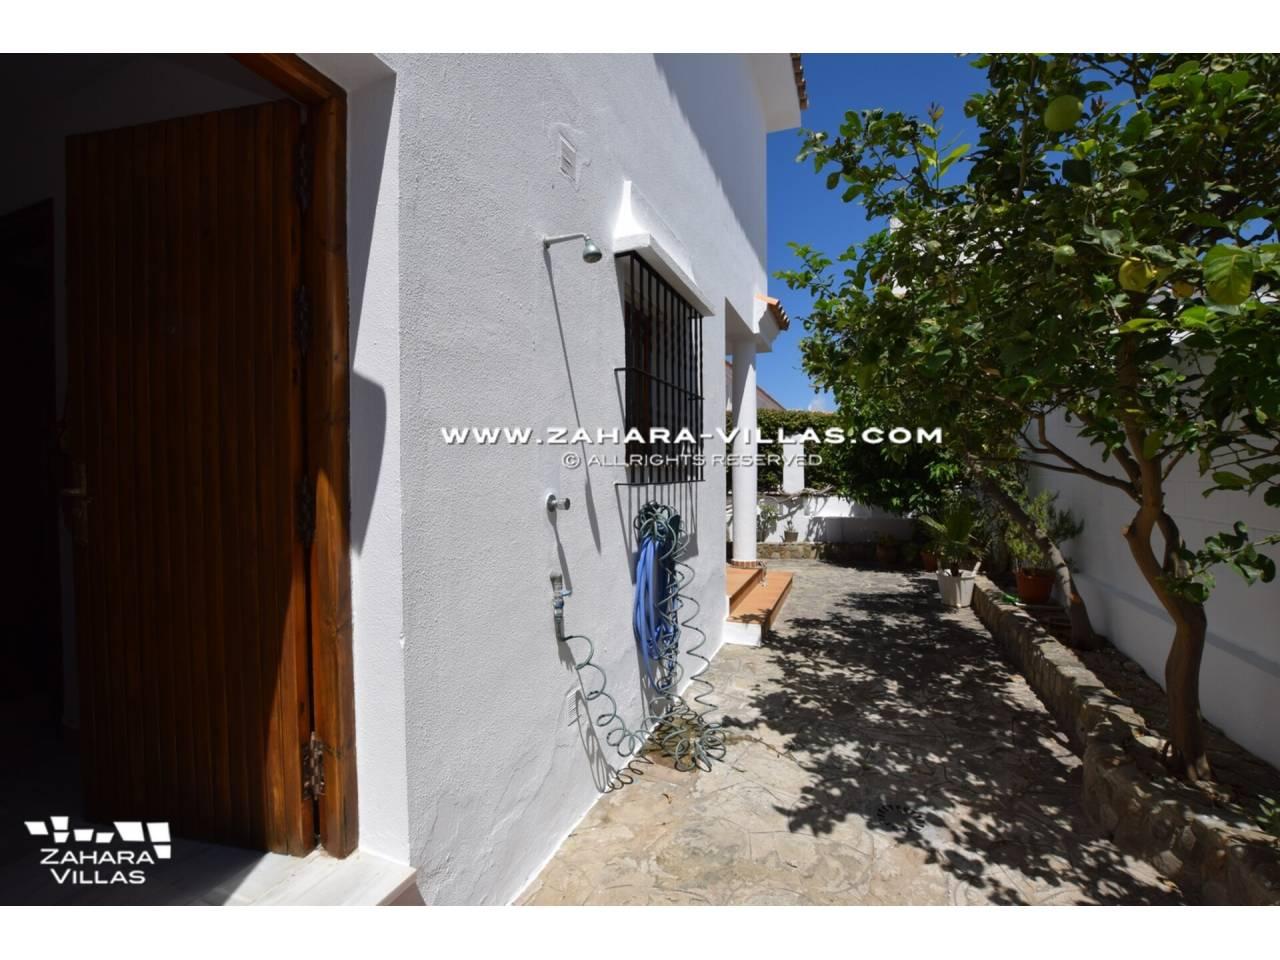 Imagen 9 de Casa en venta en segunda línea de playa, con vistas al mar en Zahara de los Atunes